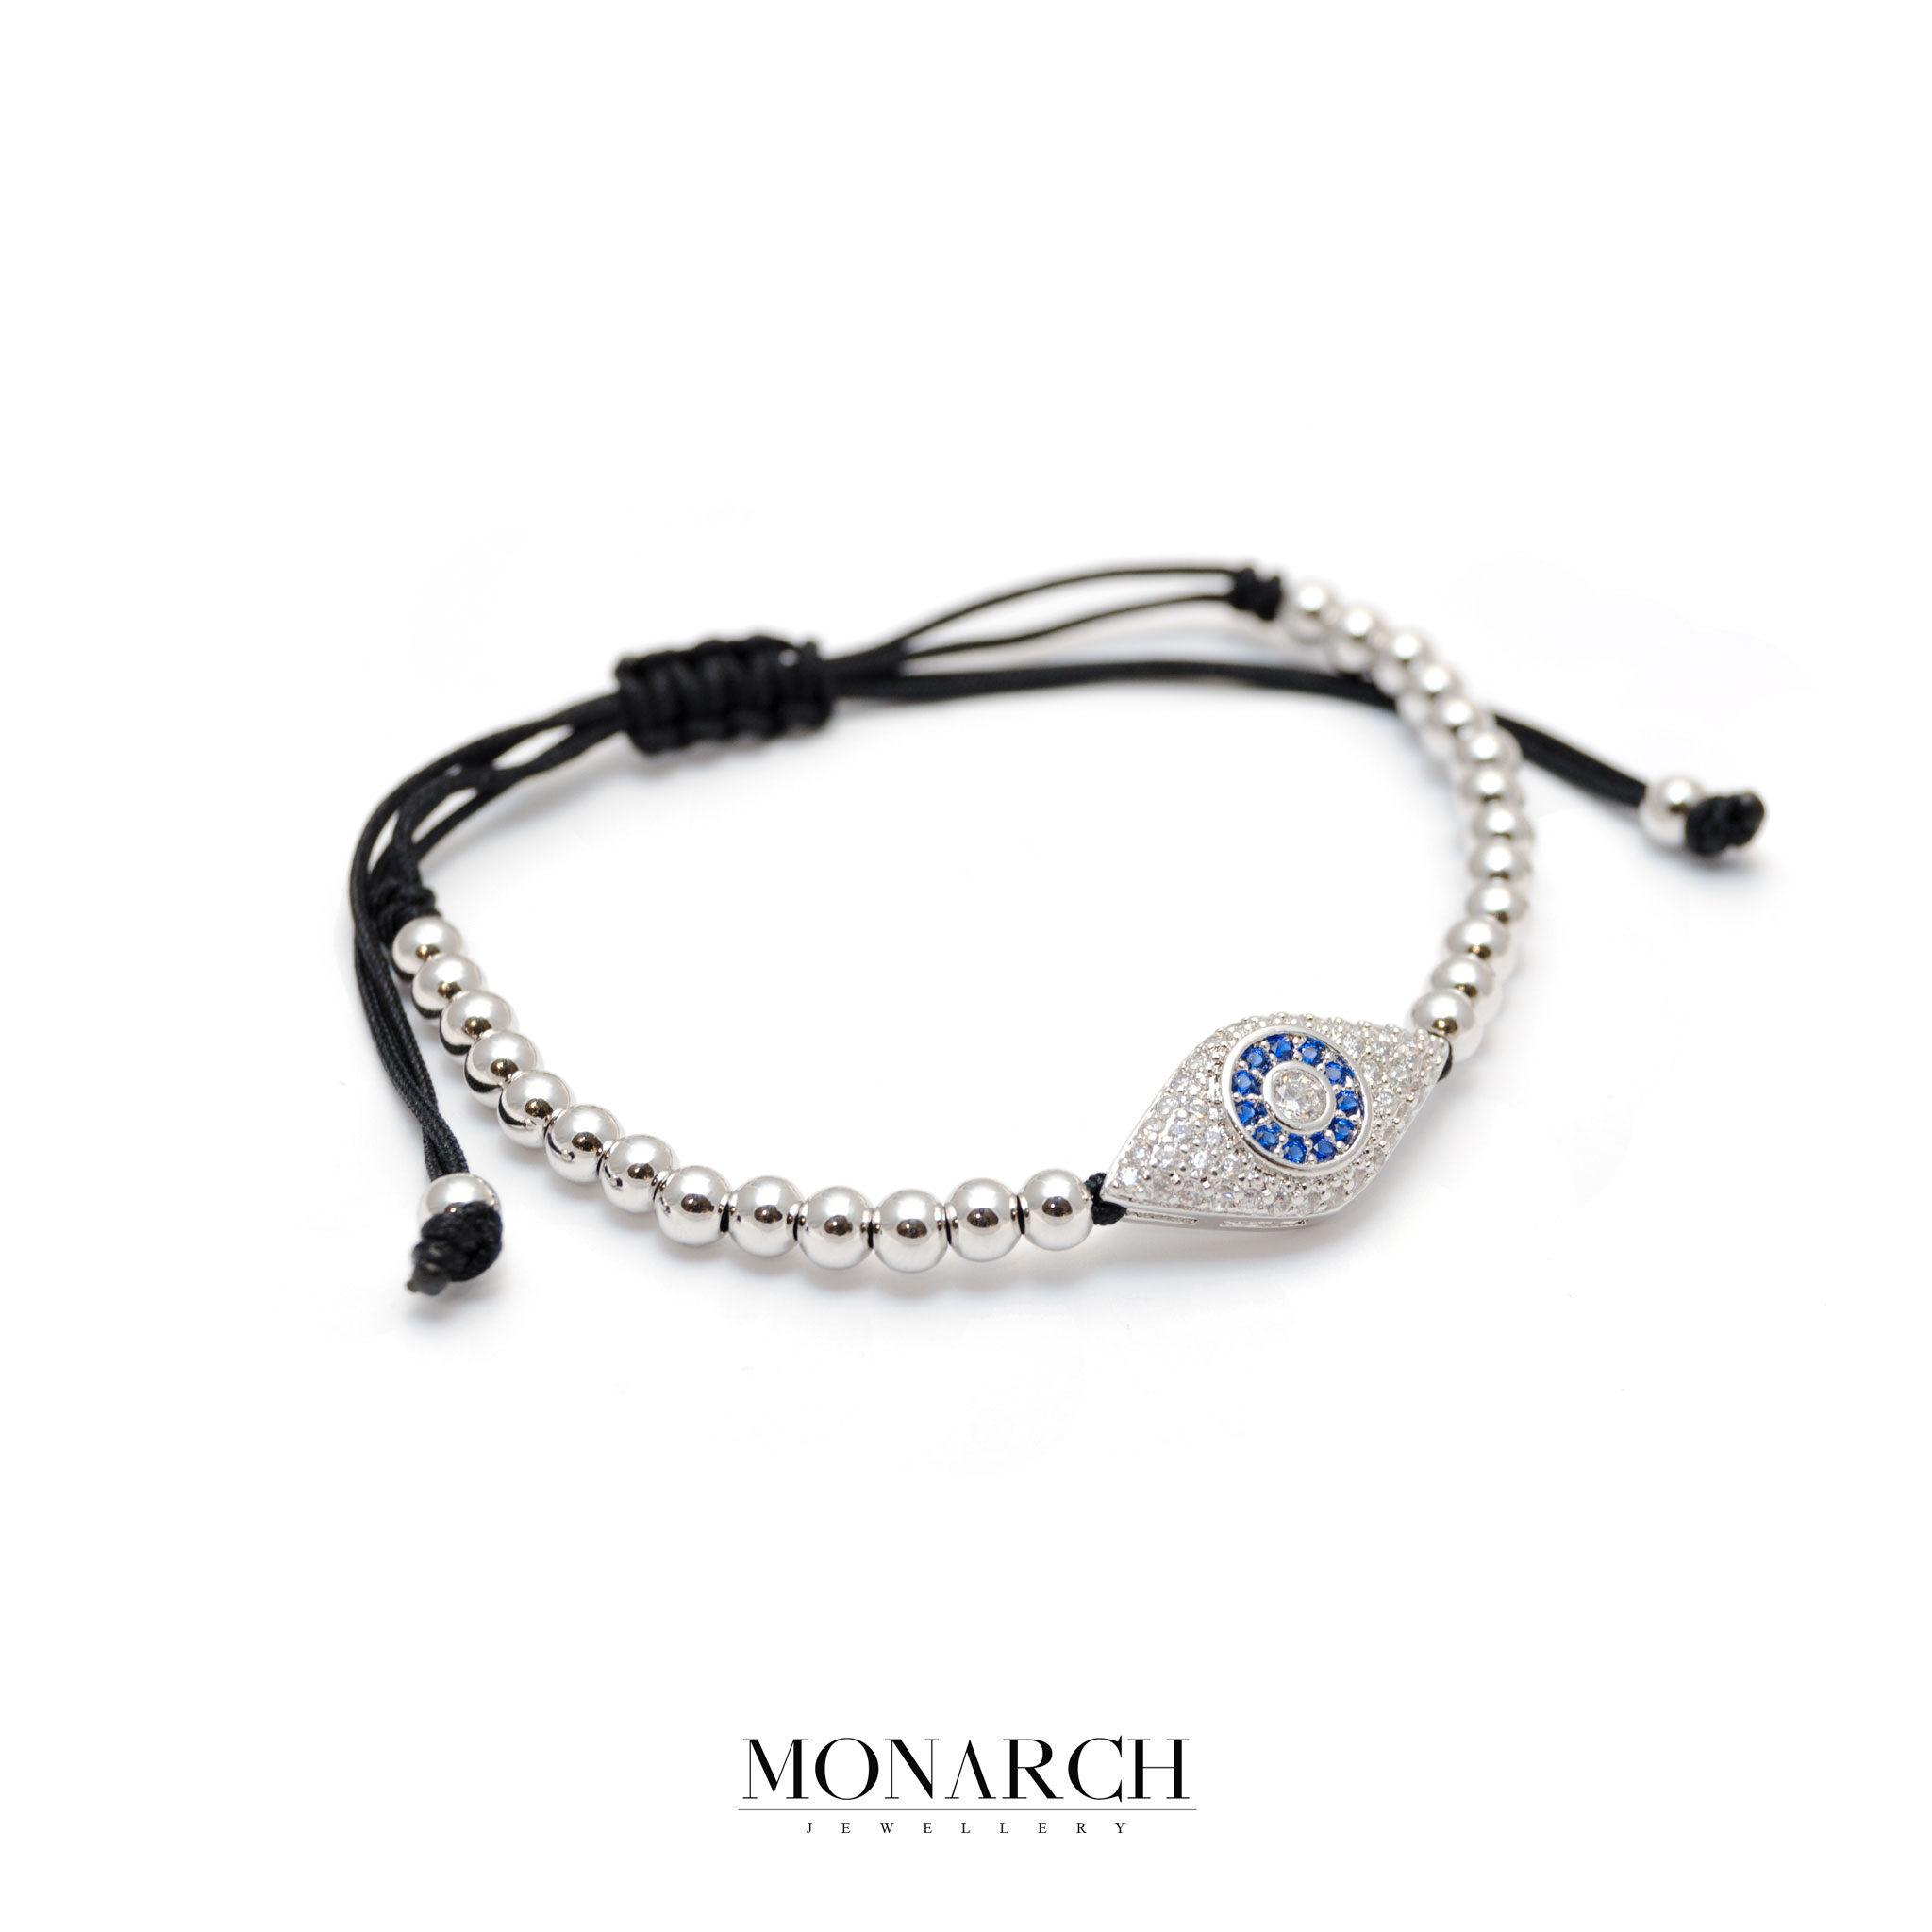 Monarch Jewellery Silver Evil Eye Macrame Bracelet